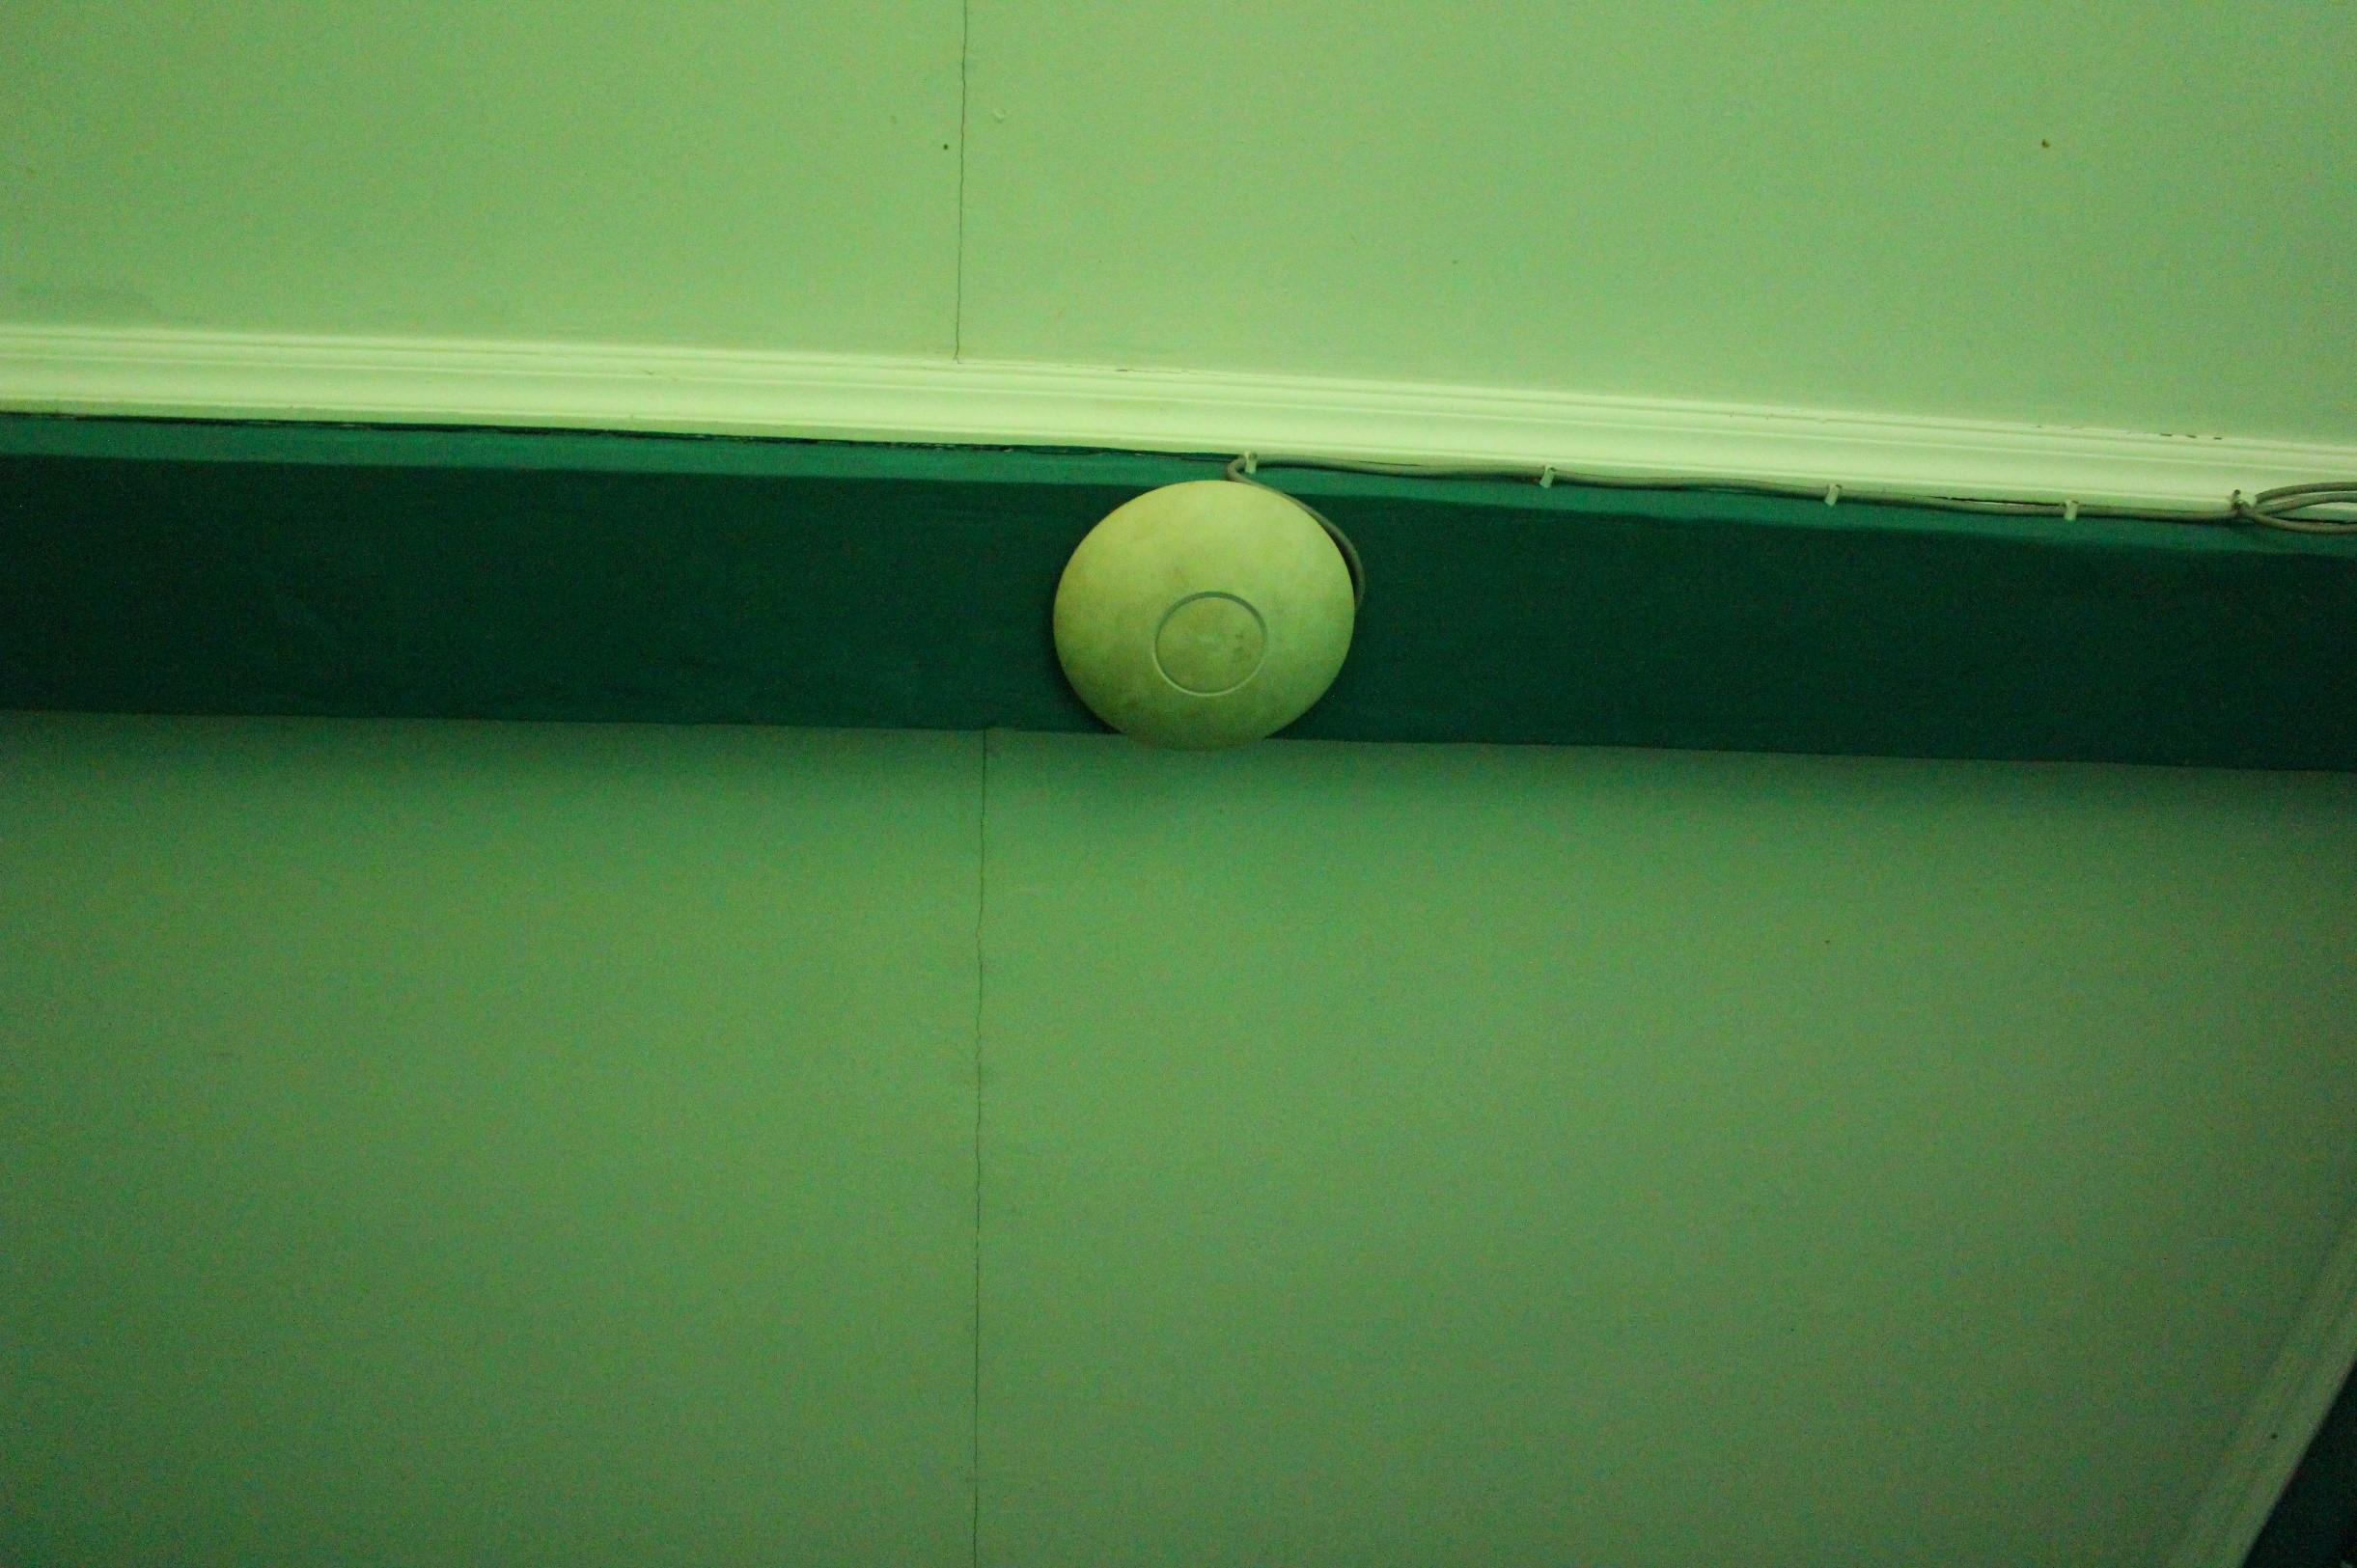 Seluruh Ruangan dan sudut sekolah di lengkapi dengan CCTV dan Wifi Access